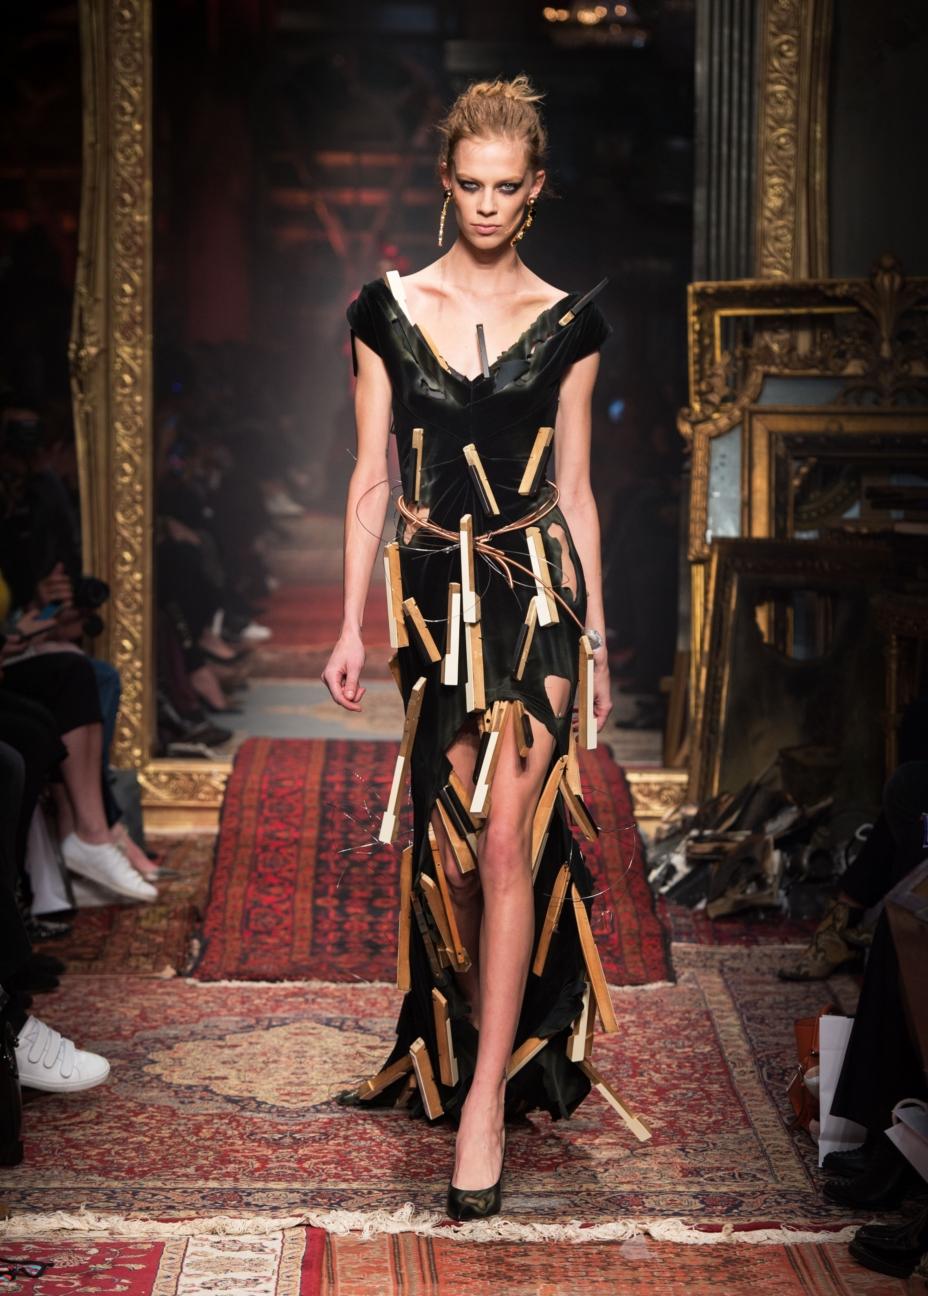 moschino-milan-fashion-week-aw-16-58